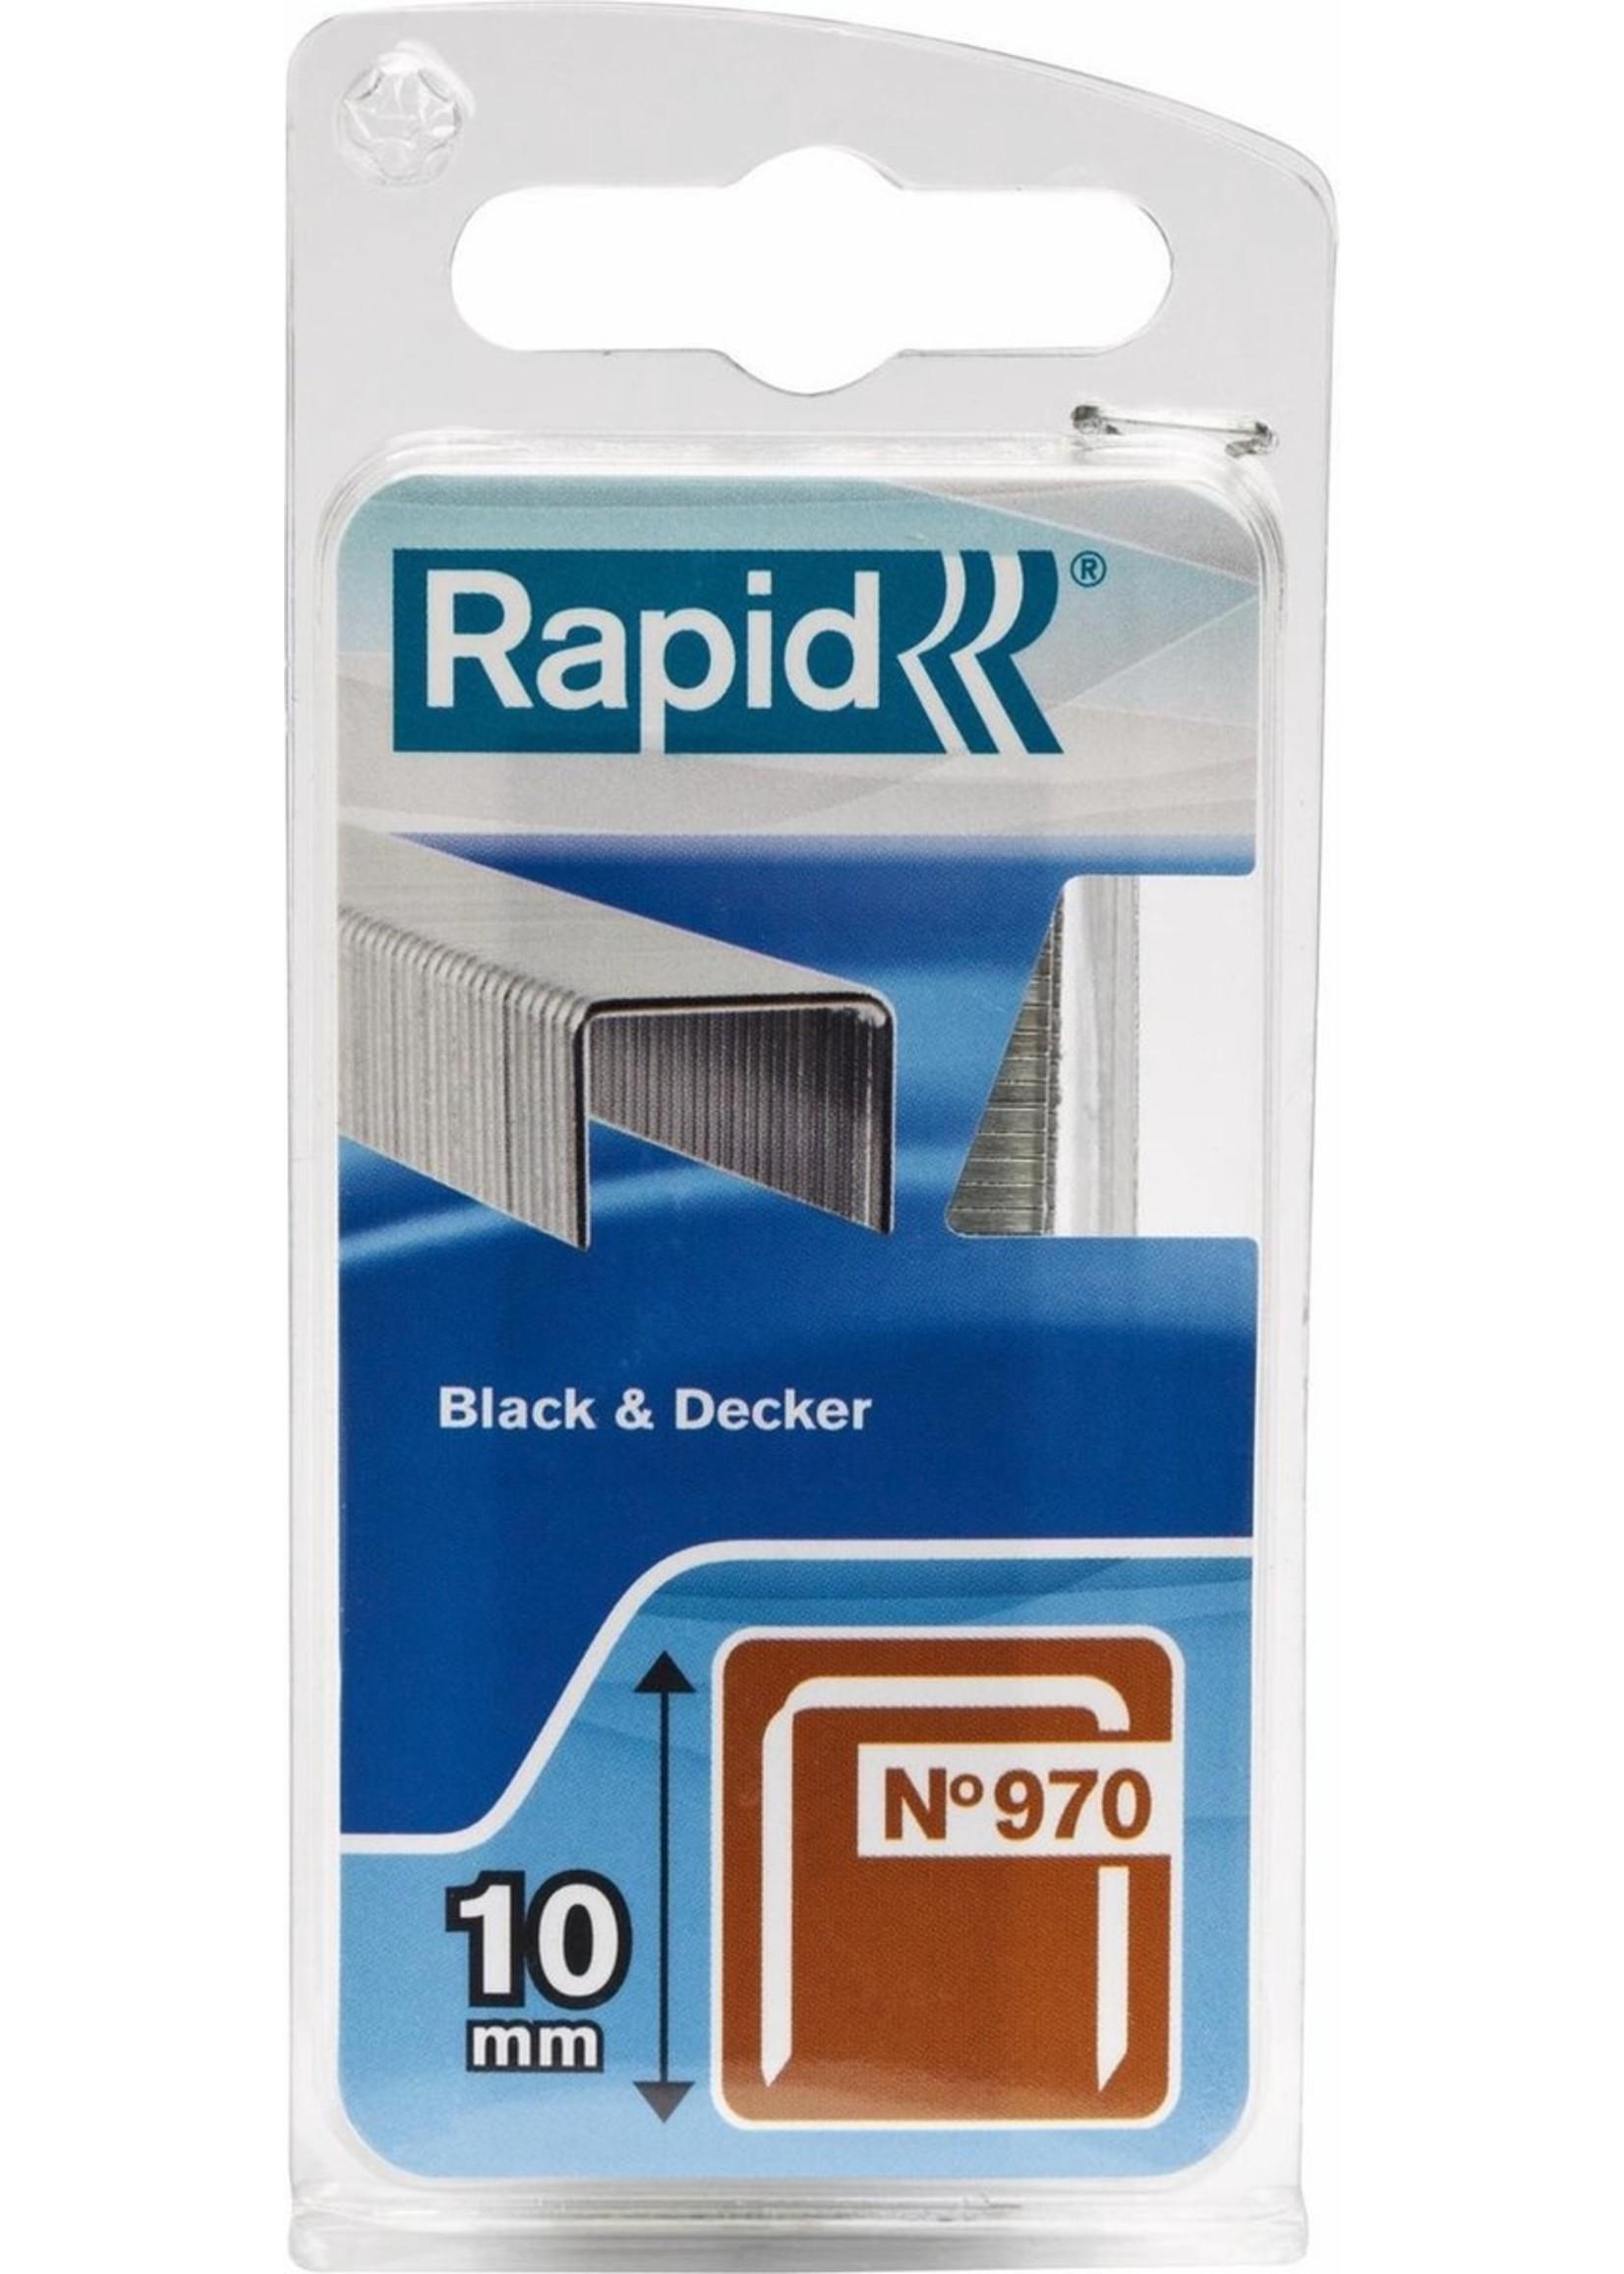 Rapid Rapid Nieten - No 970 - 10 mm